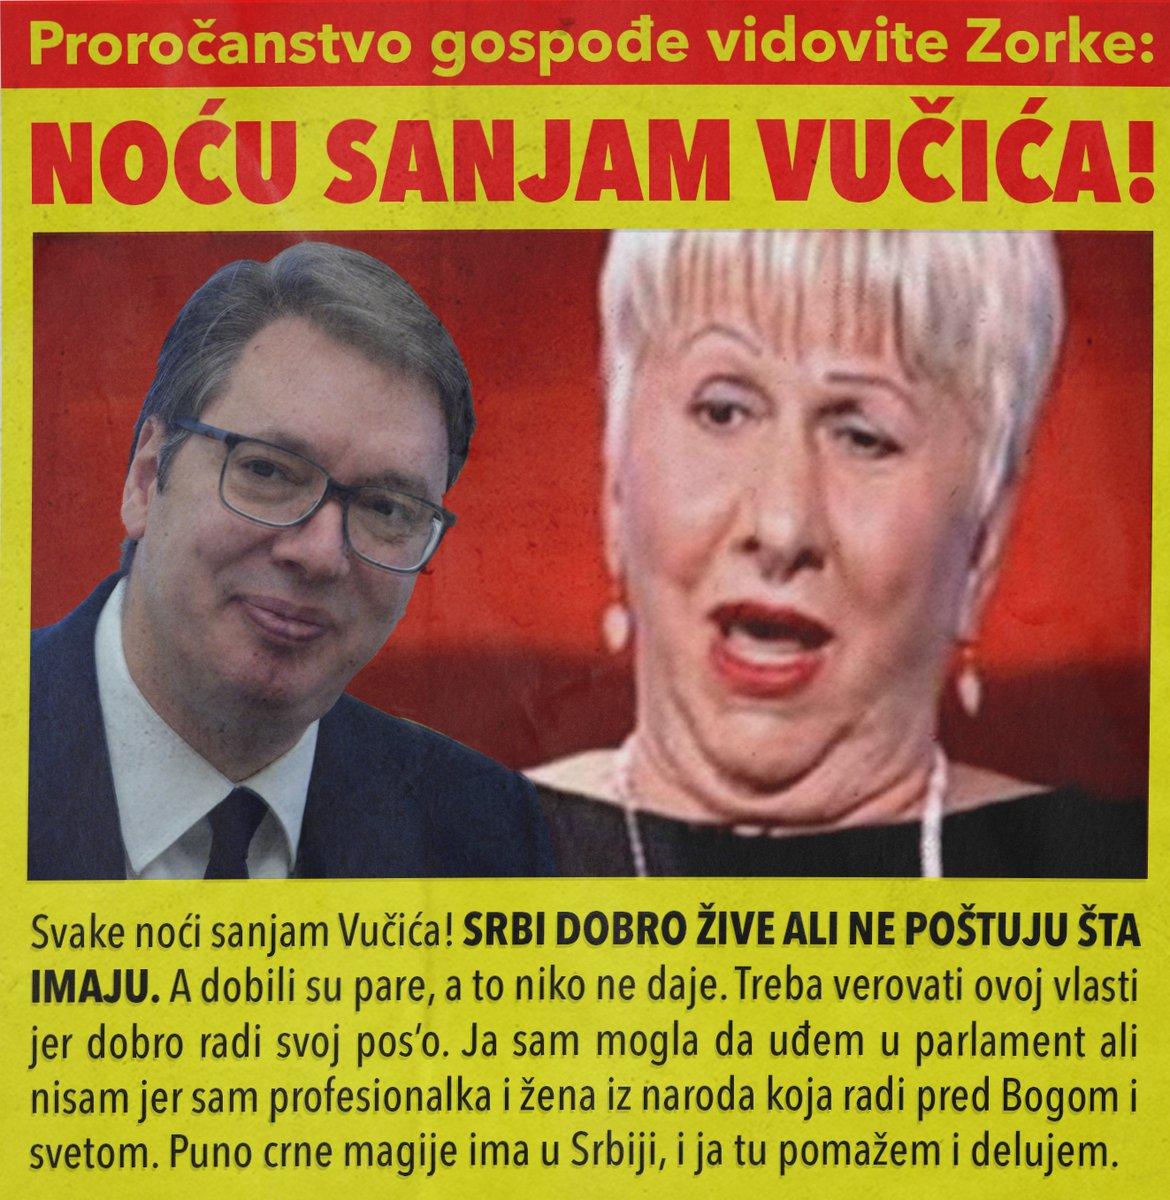 Vidovita Zorka: Noću sanjam Vučića!